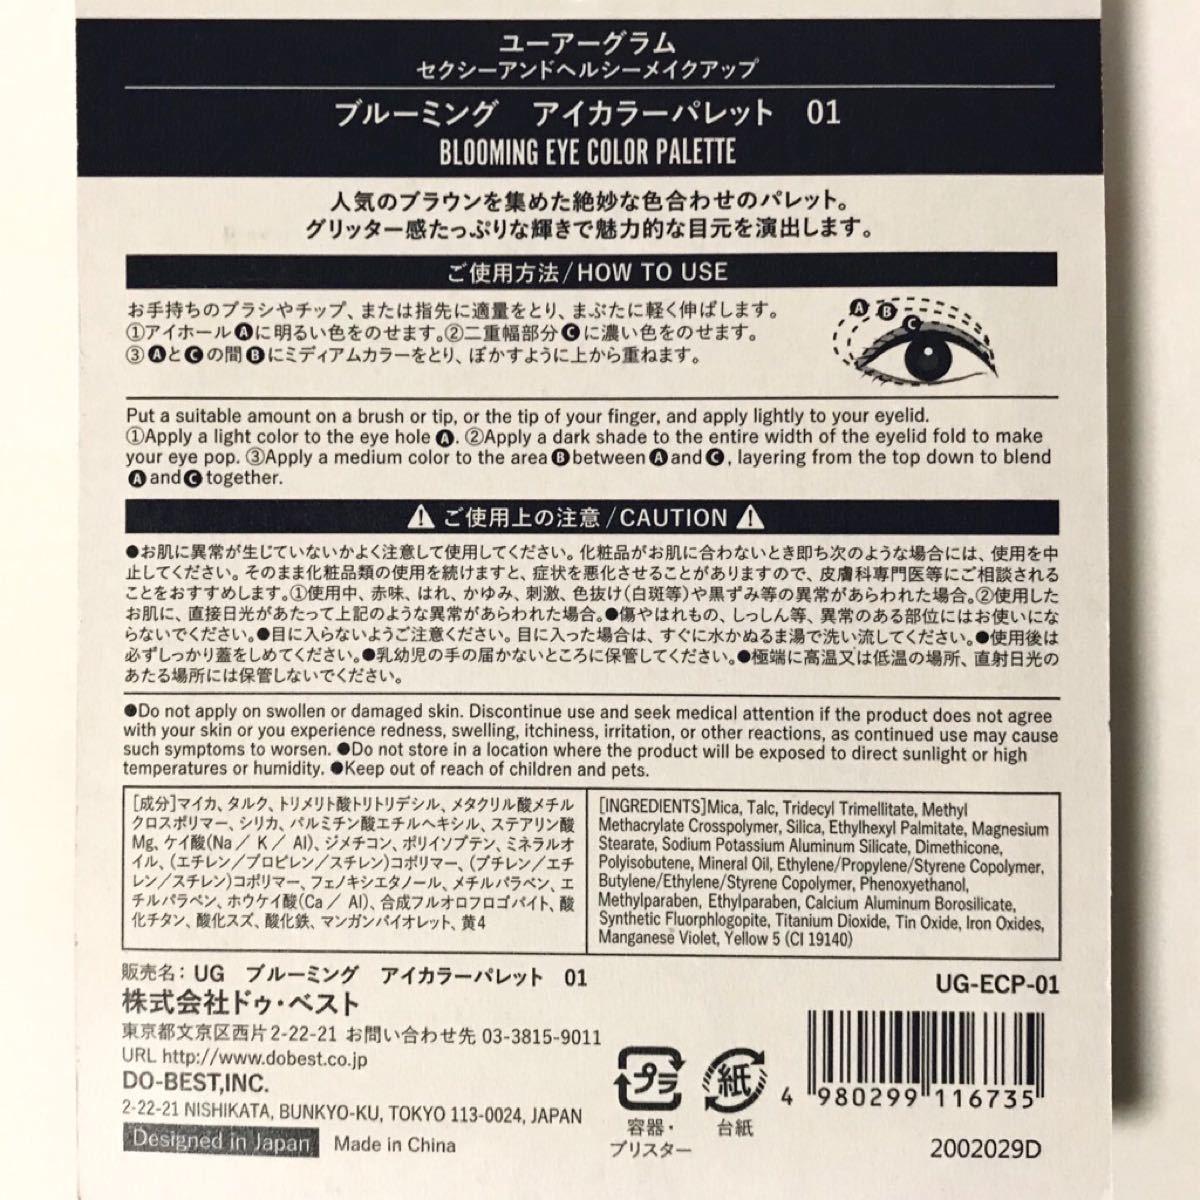 アイシャドウ【ユーアーグラム ブルーミング アイカラーパレット 01】UR GRAM